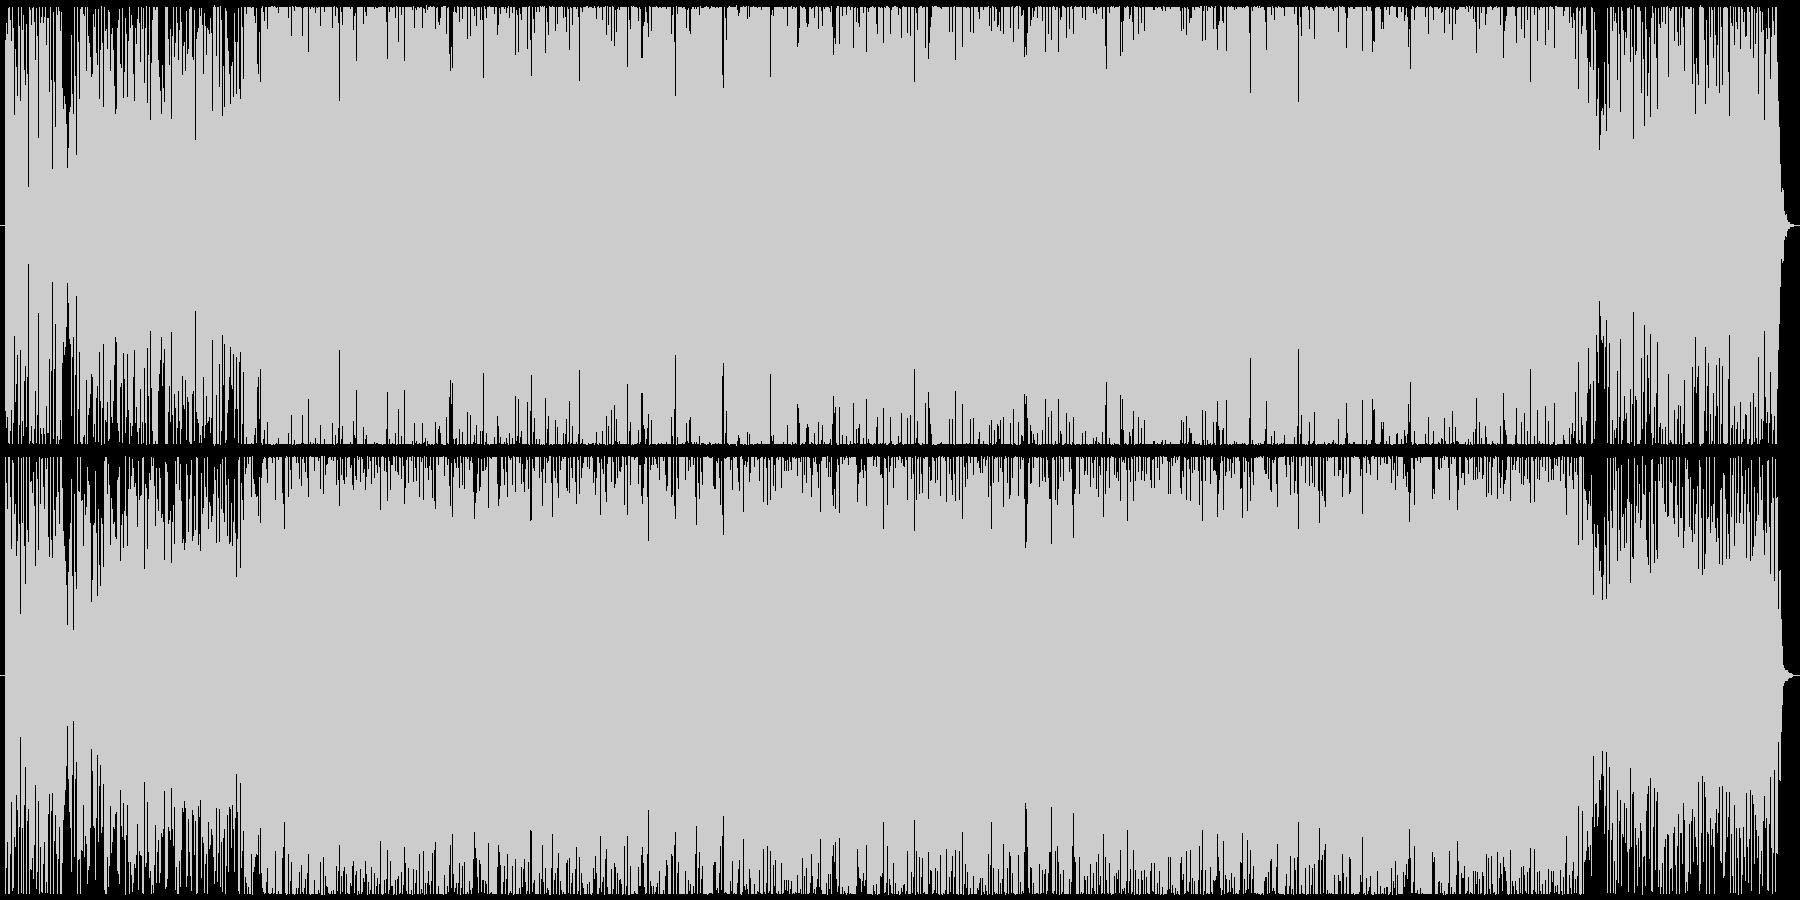 南国の太陽をイメージしたラテン風BGMの未再生の波形